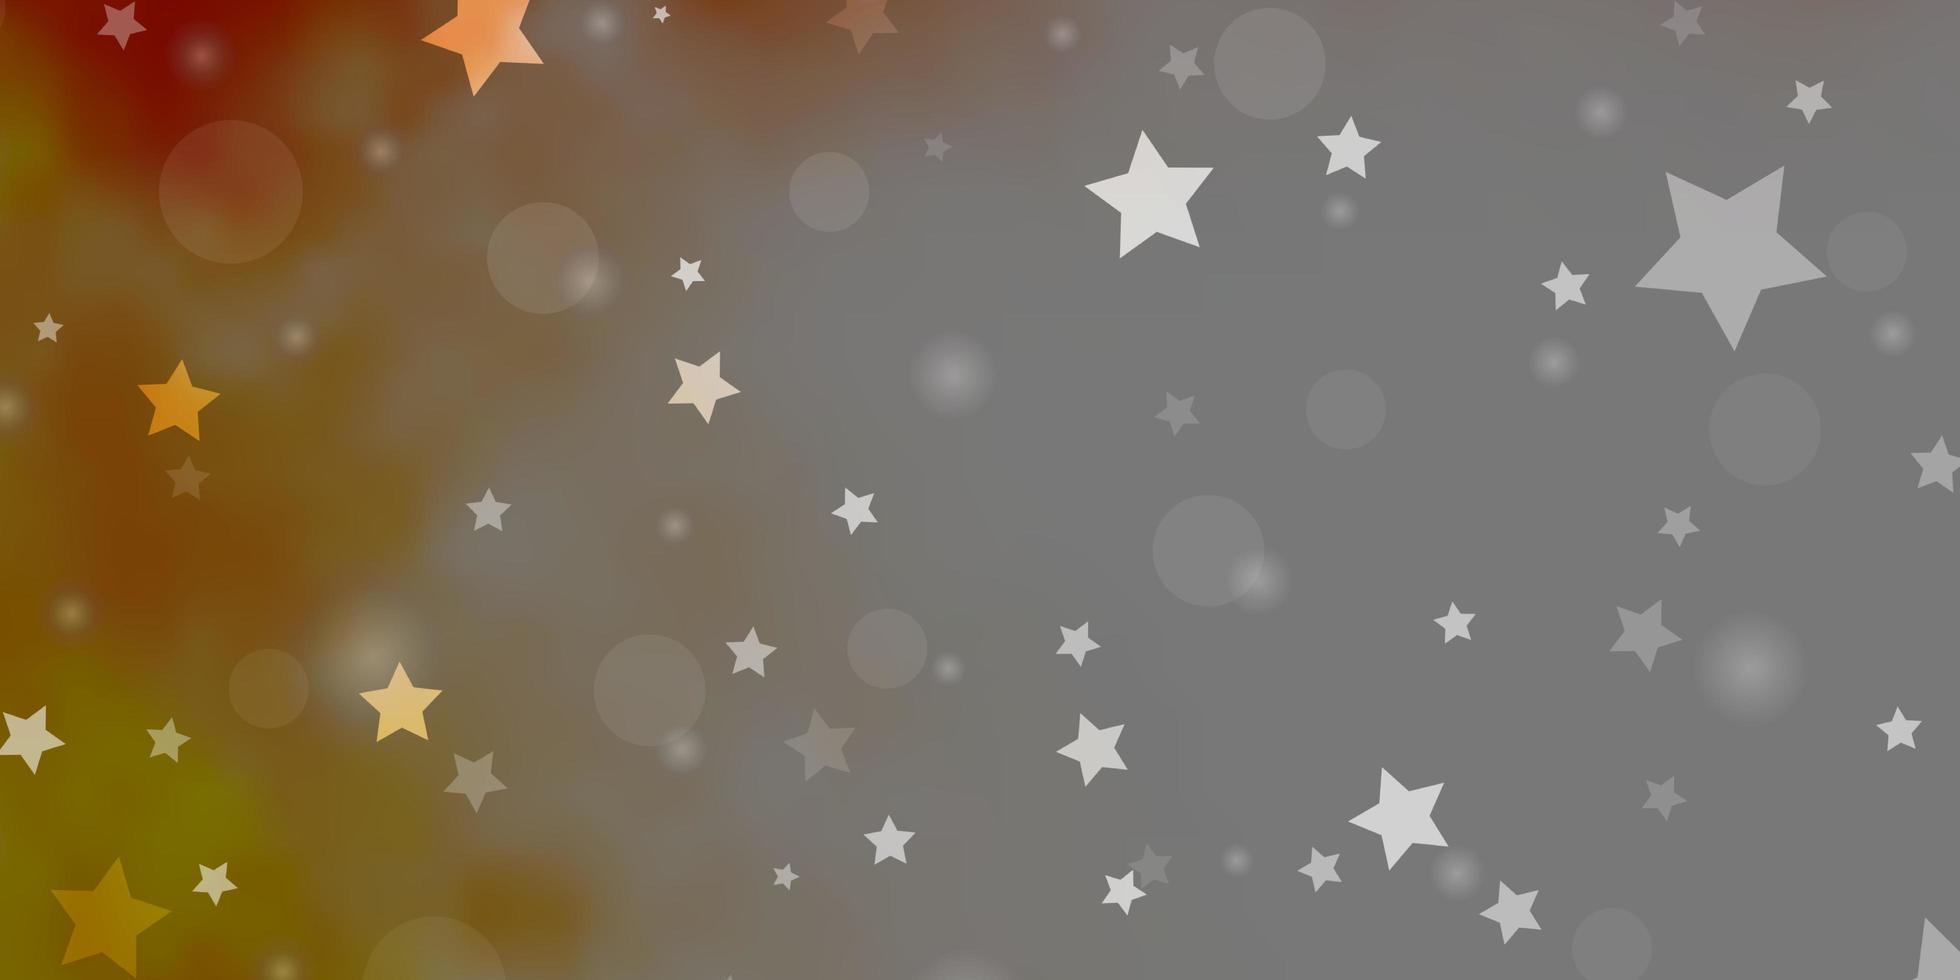 lichtoranje vectorlay-out met cirkels, sterren. vector